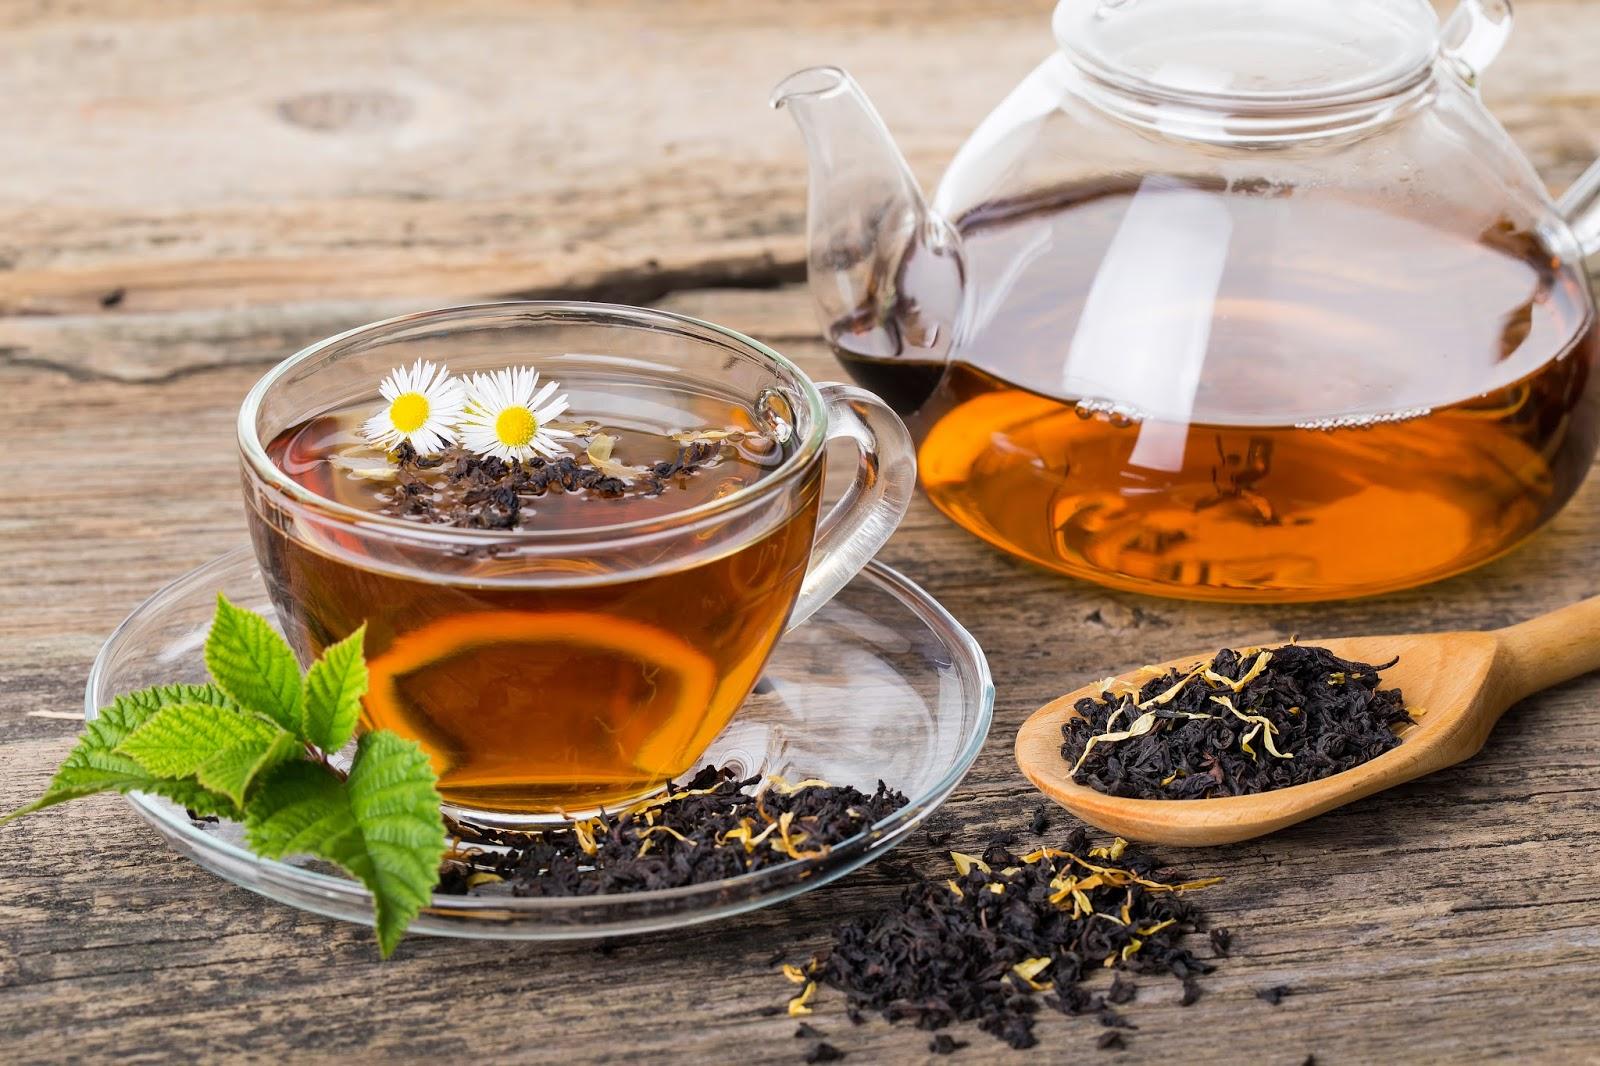 Купить чай в интернет-магазине с доставкой по России